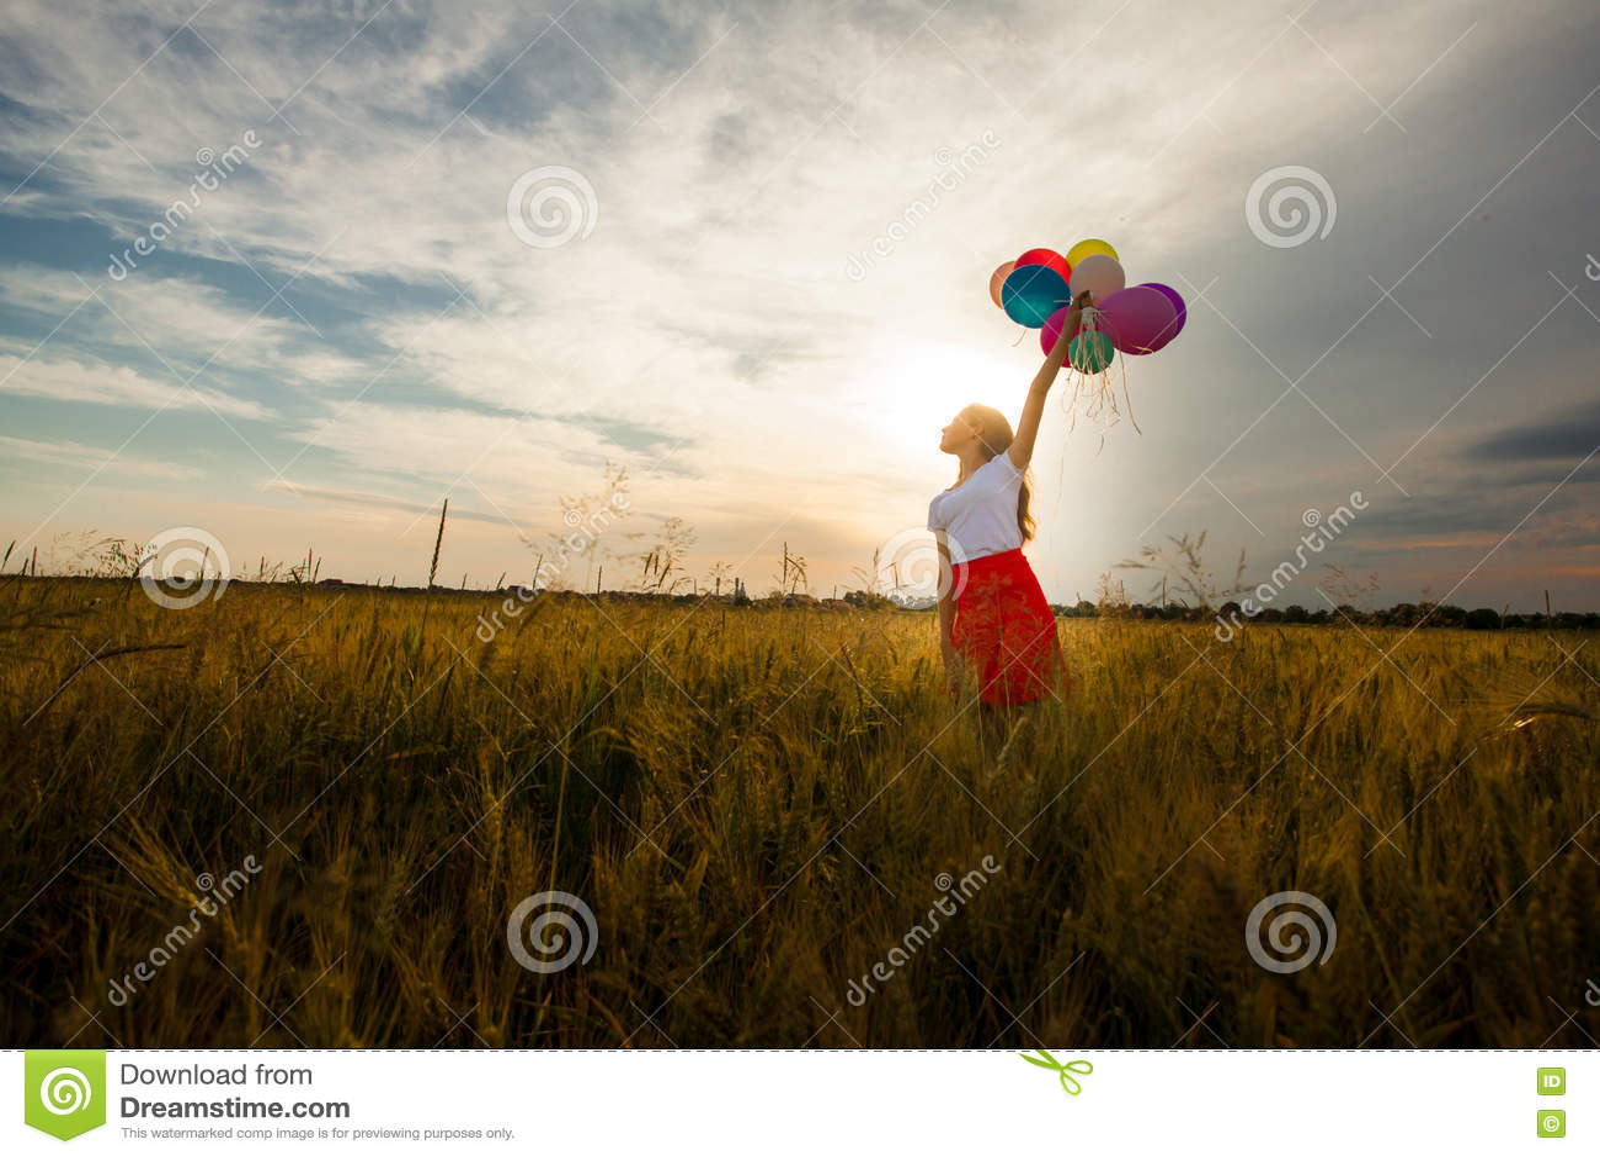 Девушка с шарами цифрами